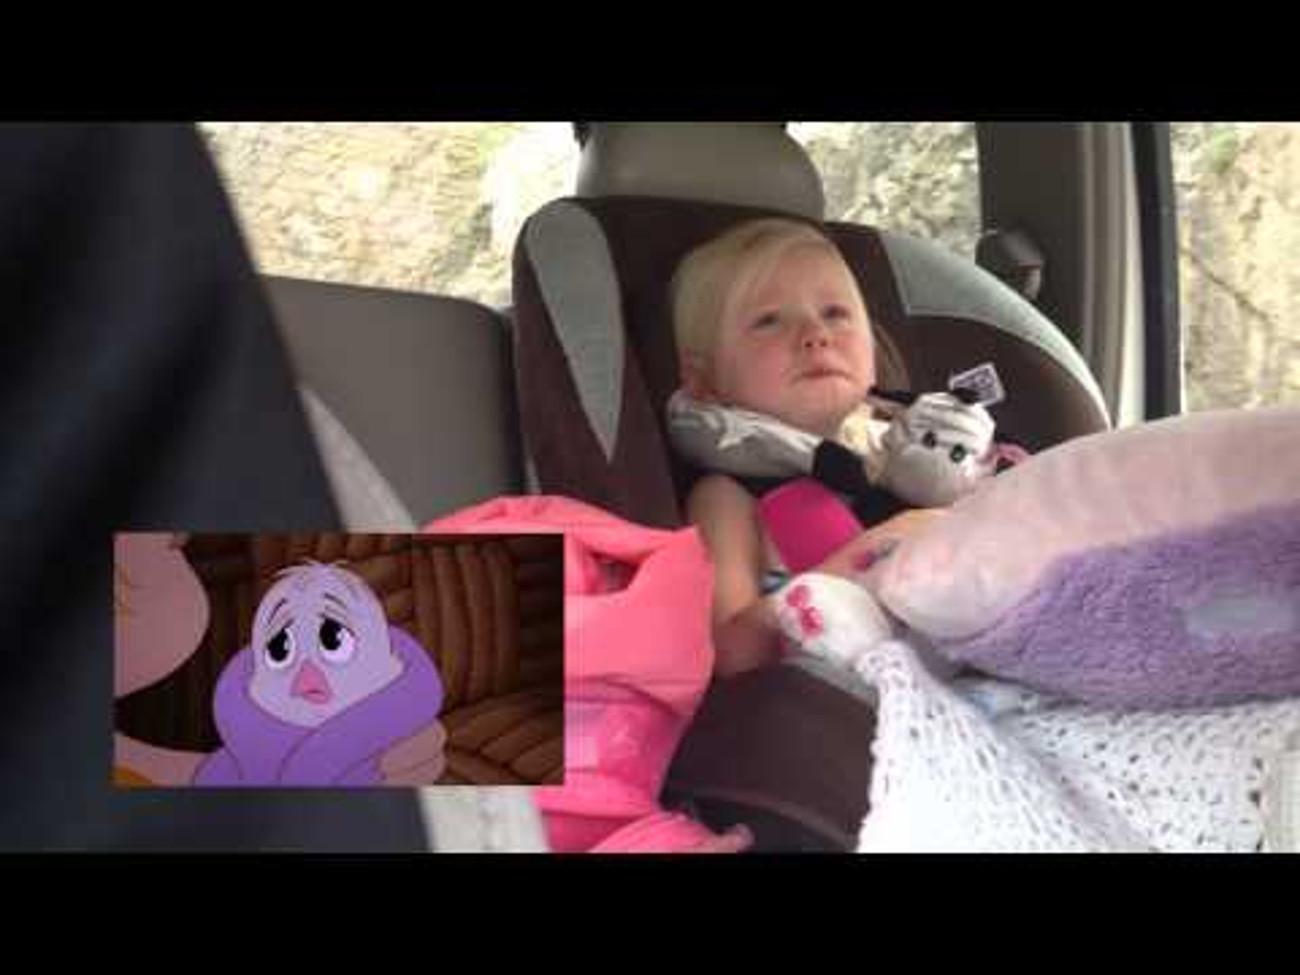 Une petite fille craque devant son dessin animé préféré